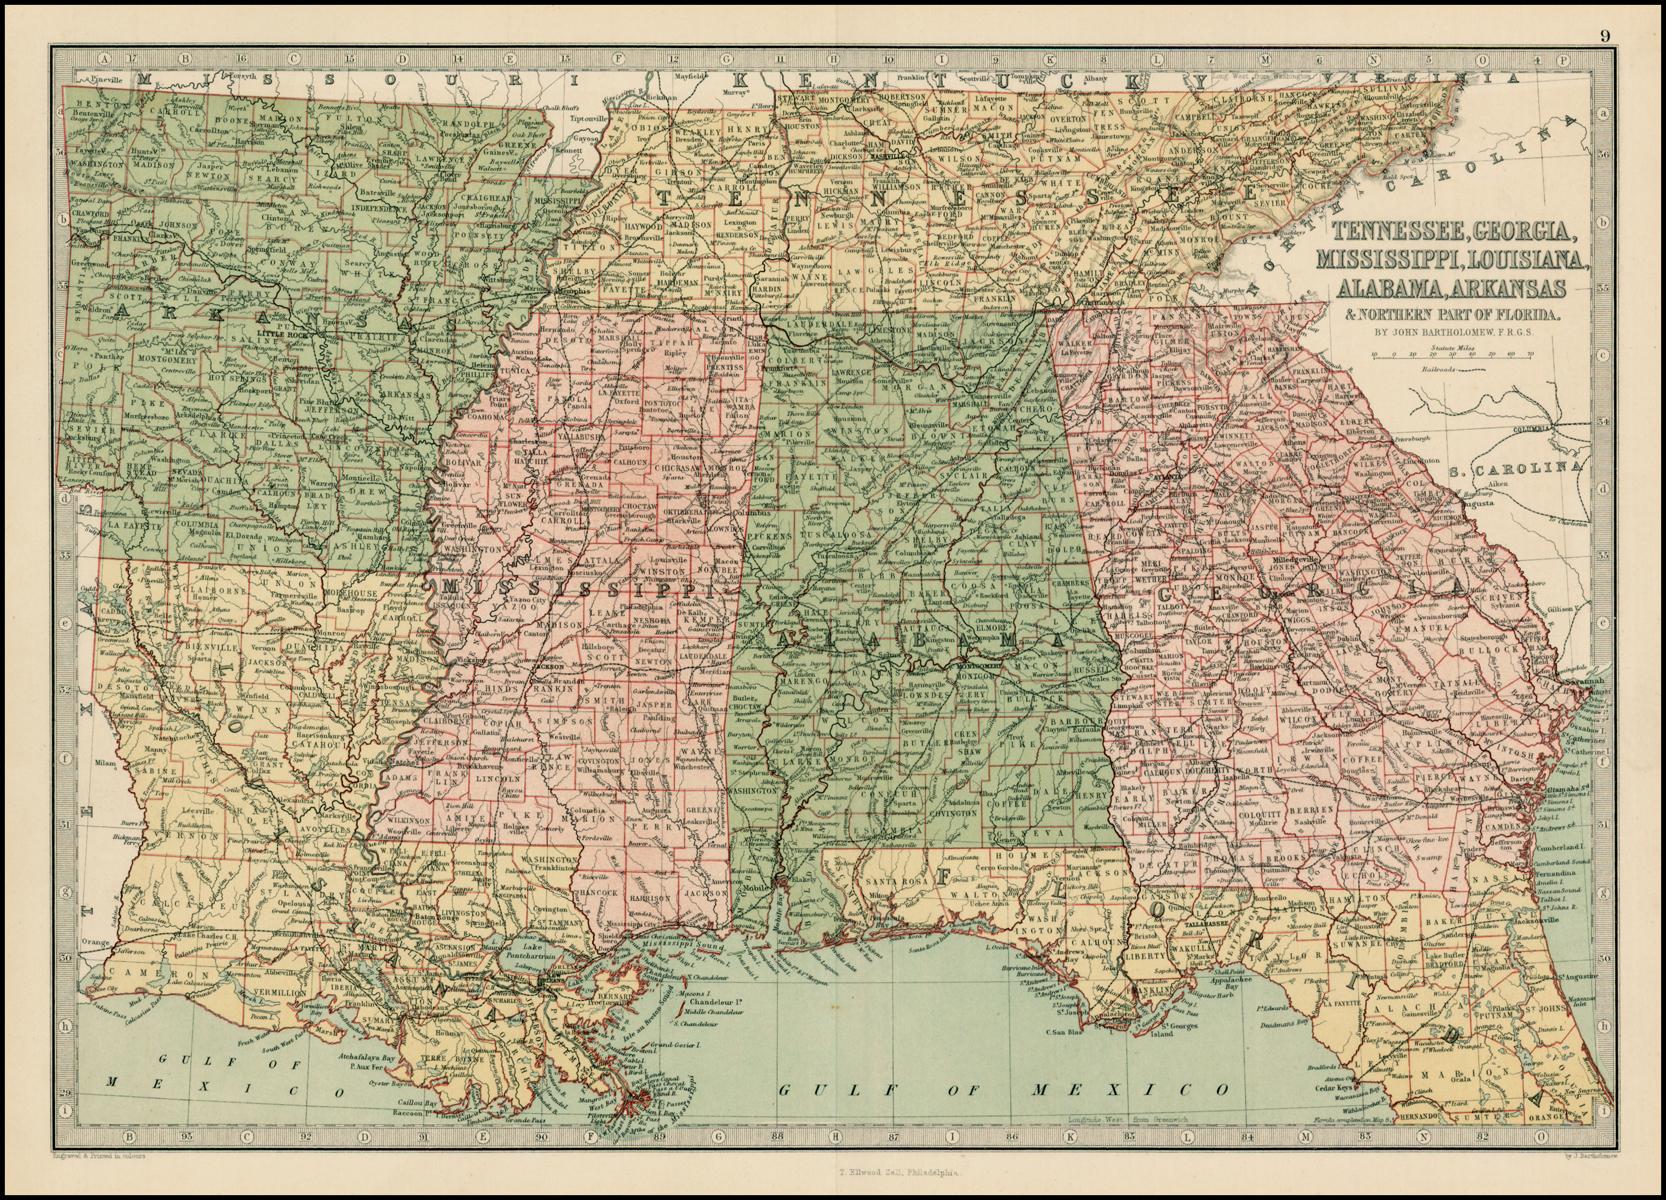 Map Of Georgia Alabama.Tenneessee Georgia Mississippi Louisiana Alabama Arkansas